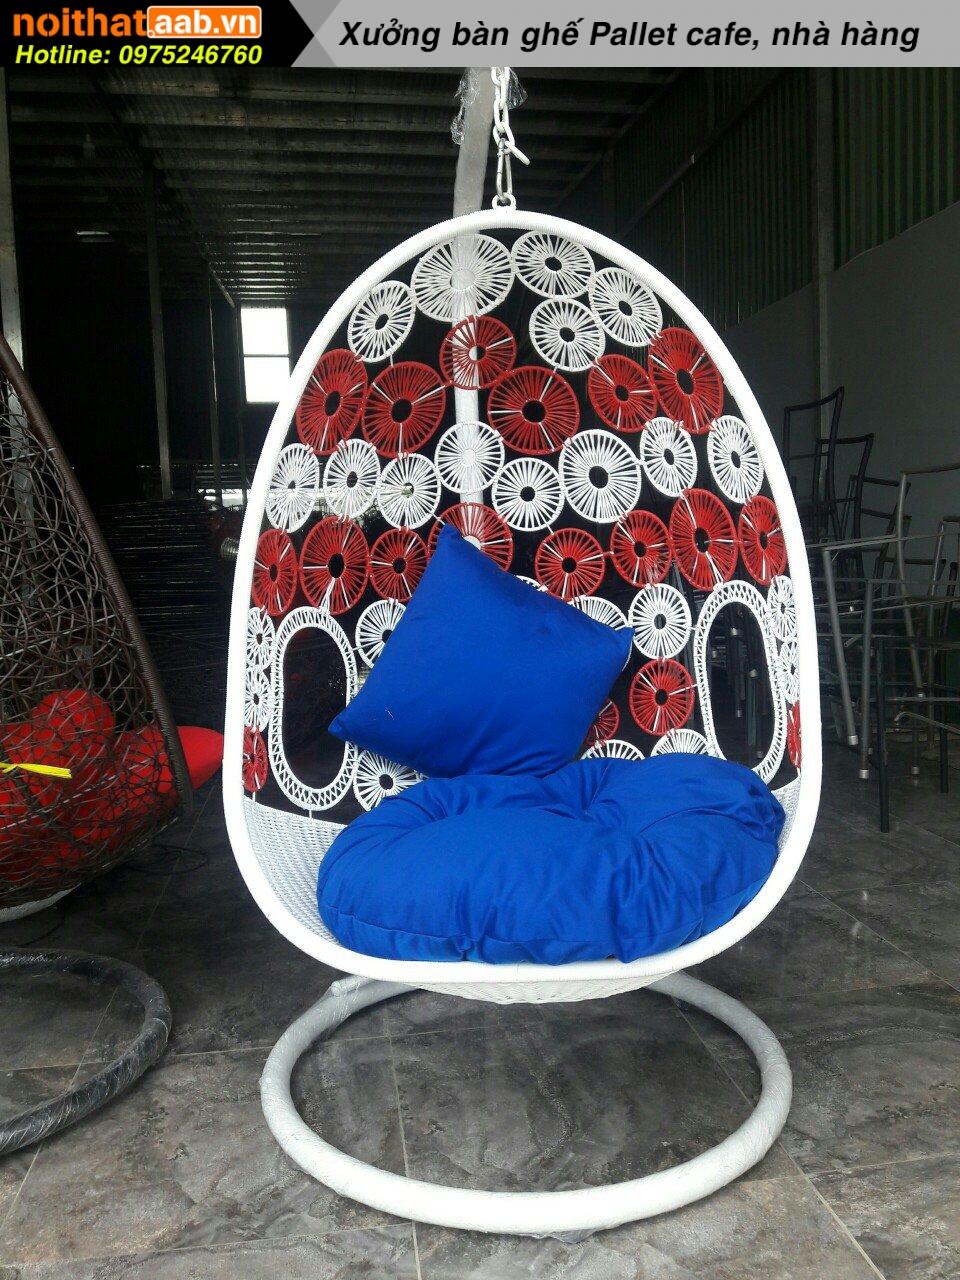 Ghế xích đú quả trứng